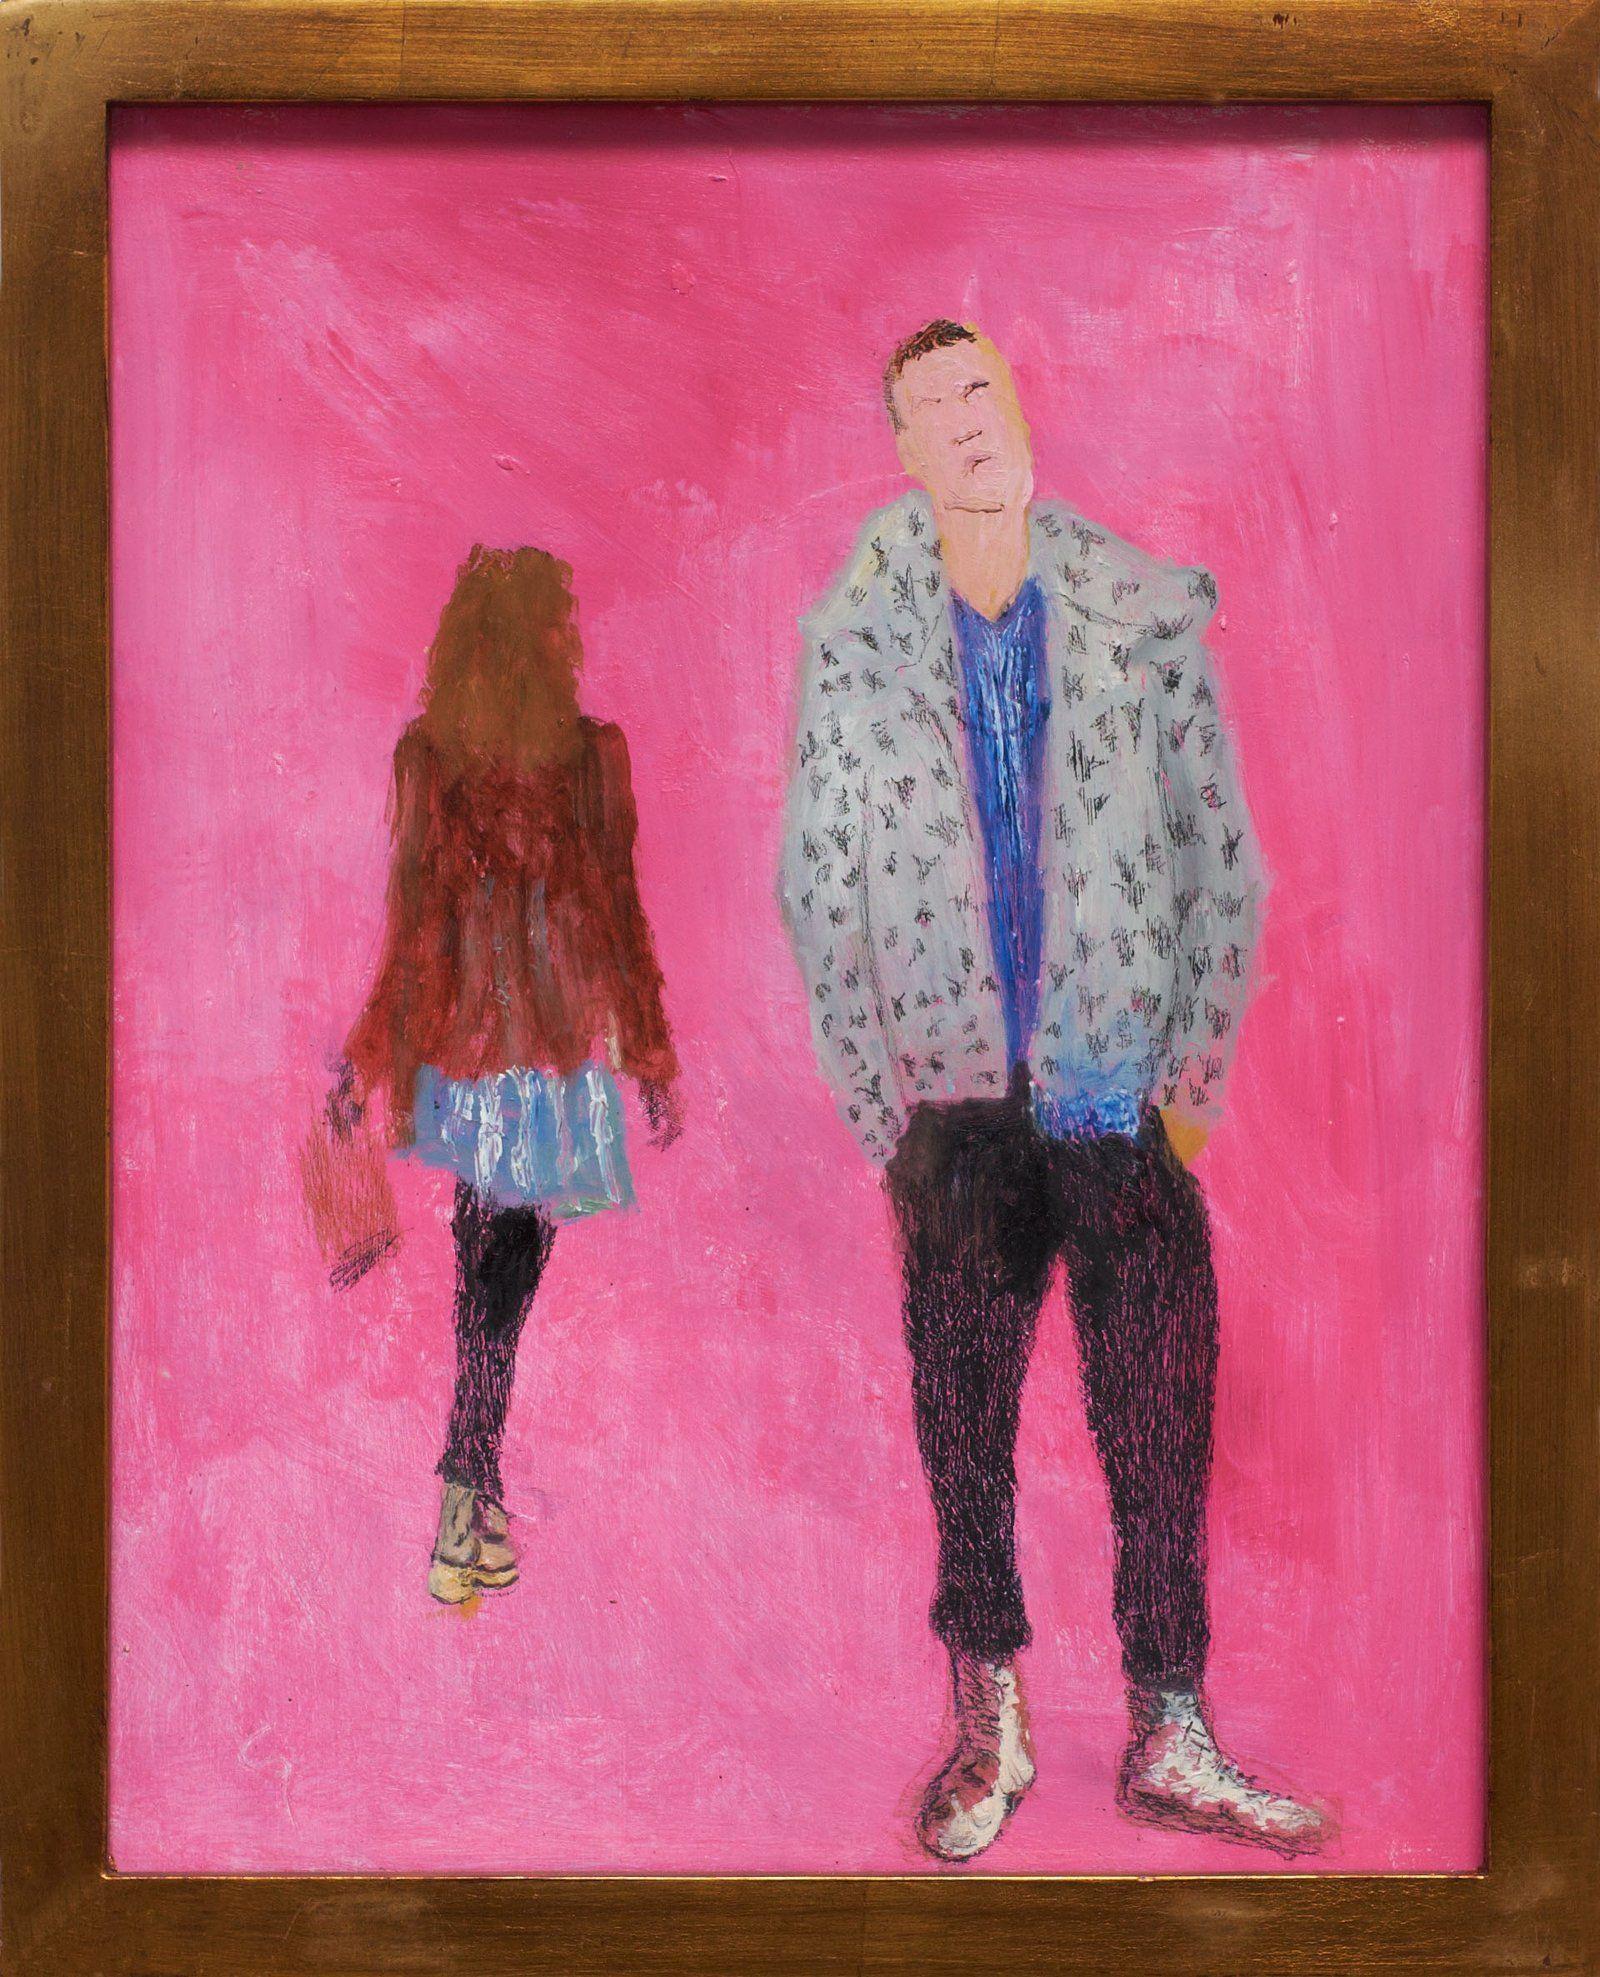 Simon Schneiderman, Pocket Cool | LIPMAN ART